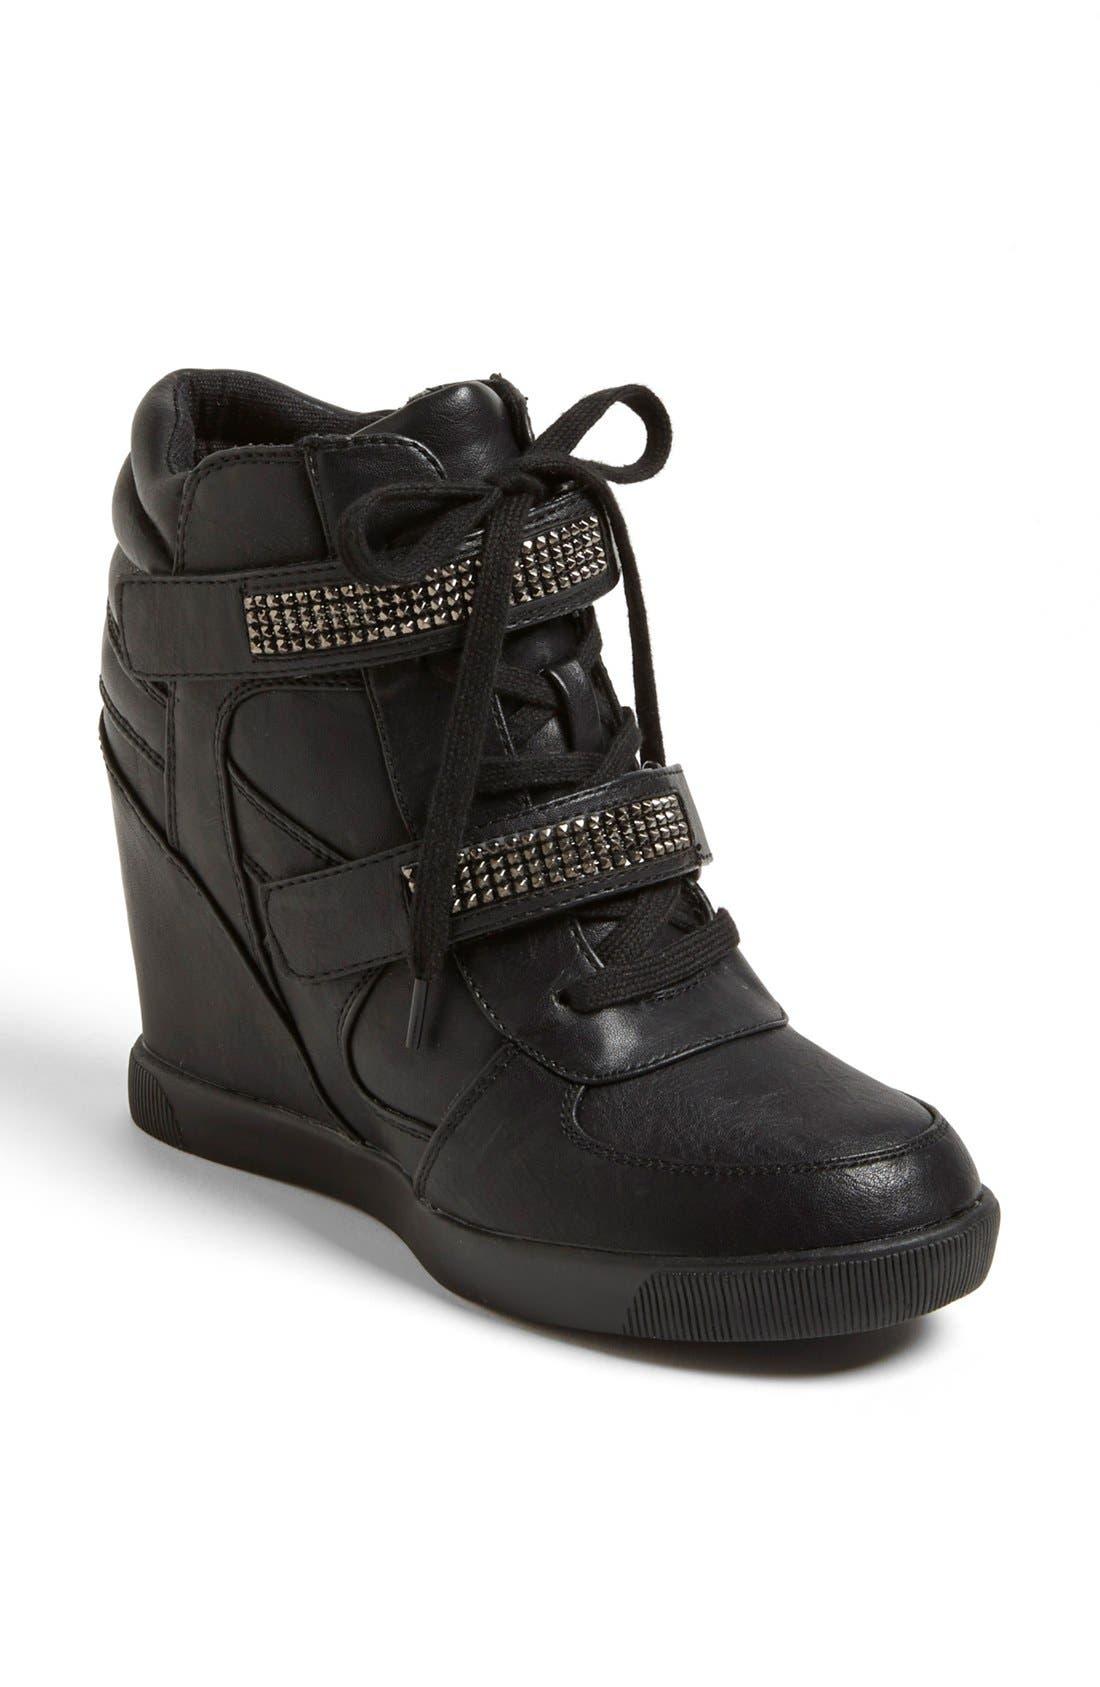 Alternate Image 1 Selected - MIA 'Flamee' Wedge Sneaker